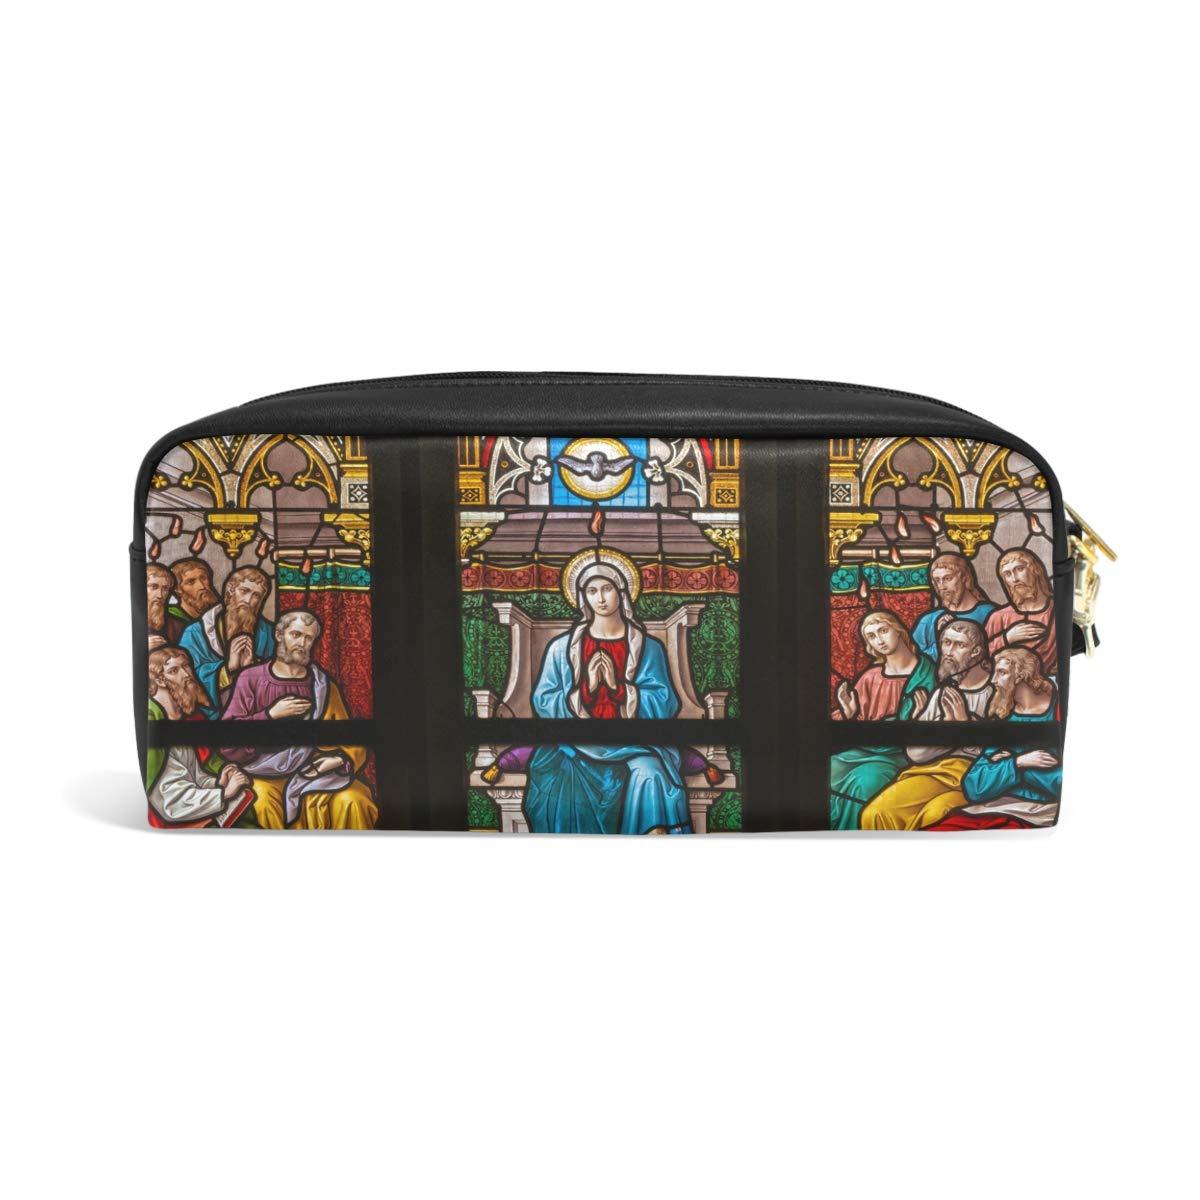 Église Maquillage Trousse Teinté Pour En Verre Stylos Pentecost De shrxQtdC